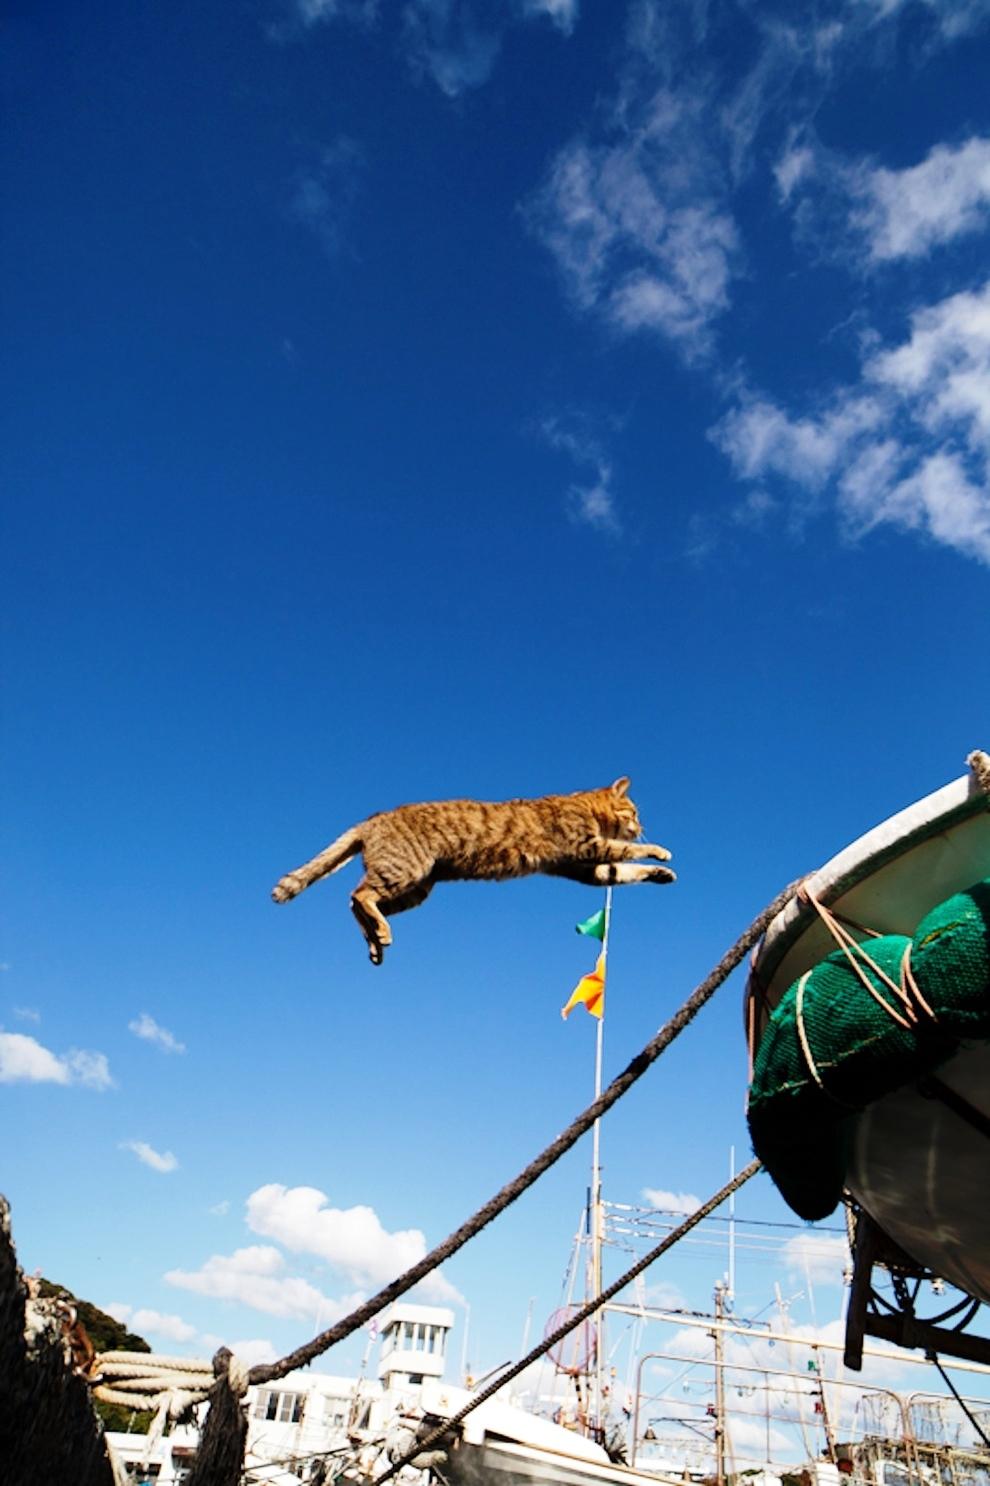 foto foto menakjubkan dari pulau Surga Kucing di Jepang - Foto Kucing di Fukuoka Jepang 34